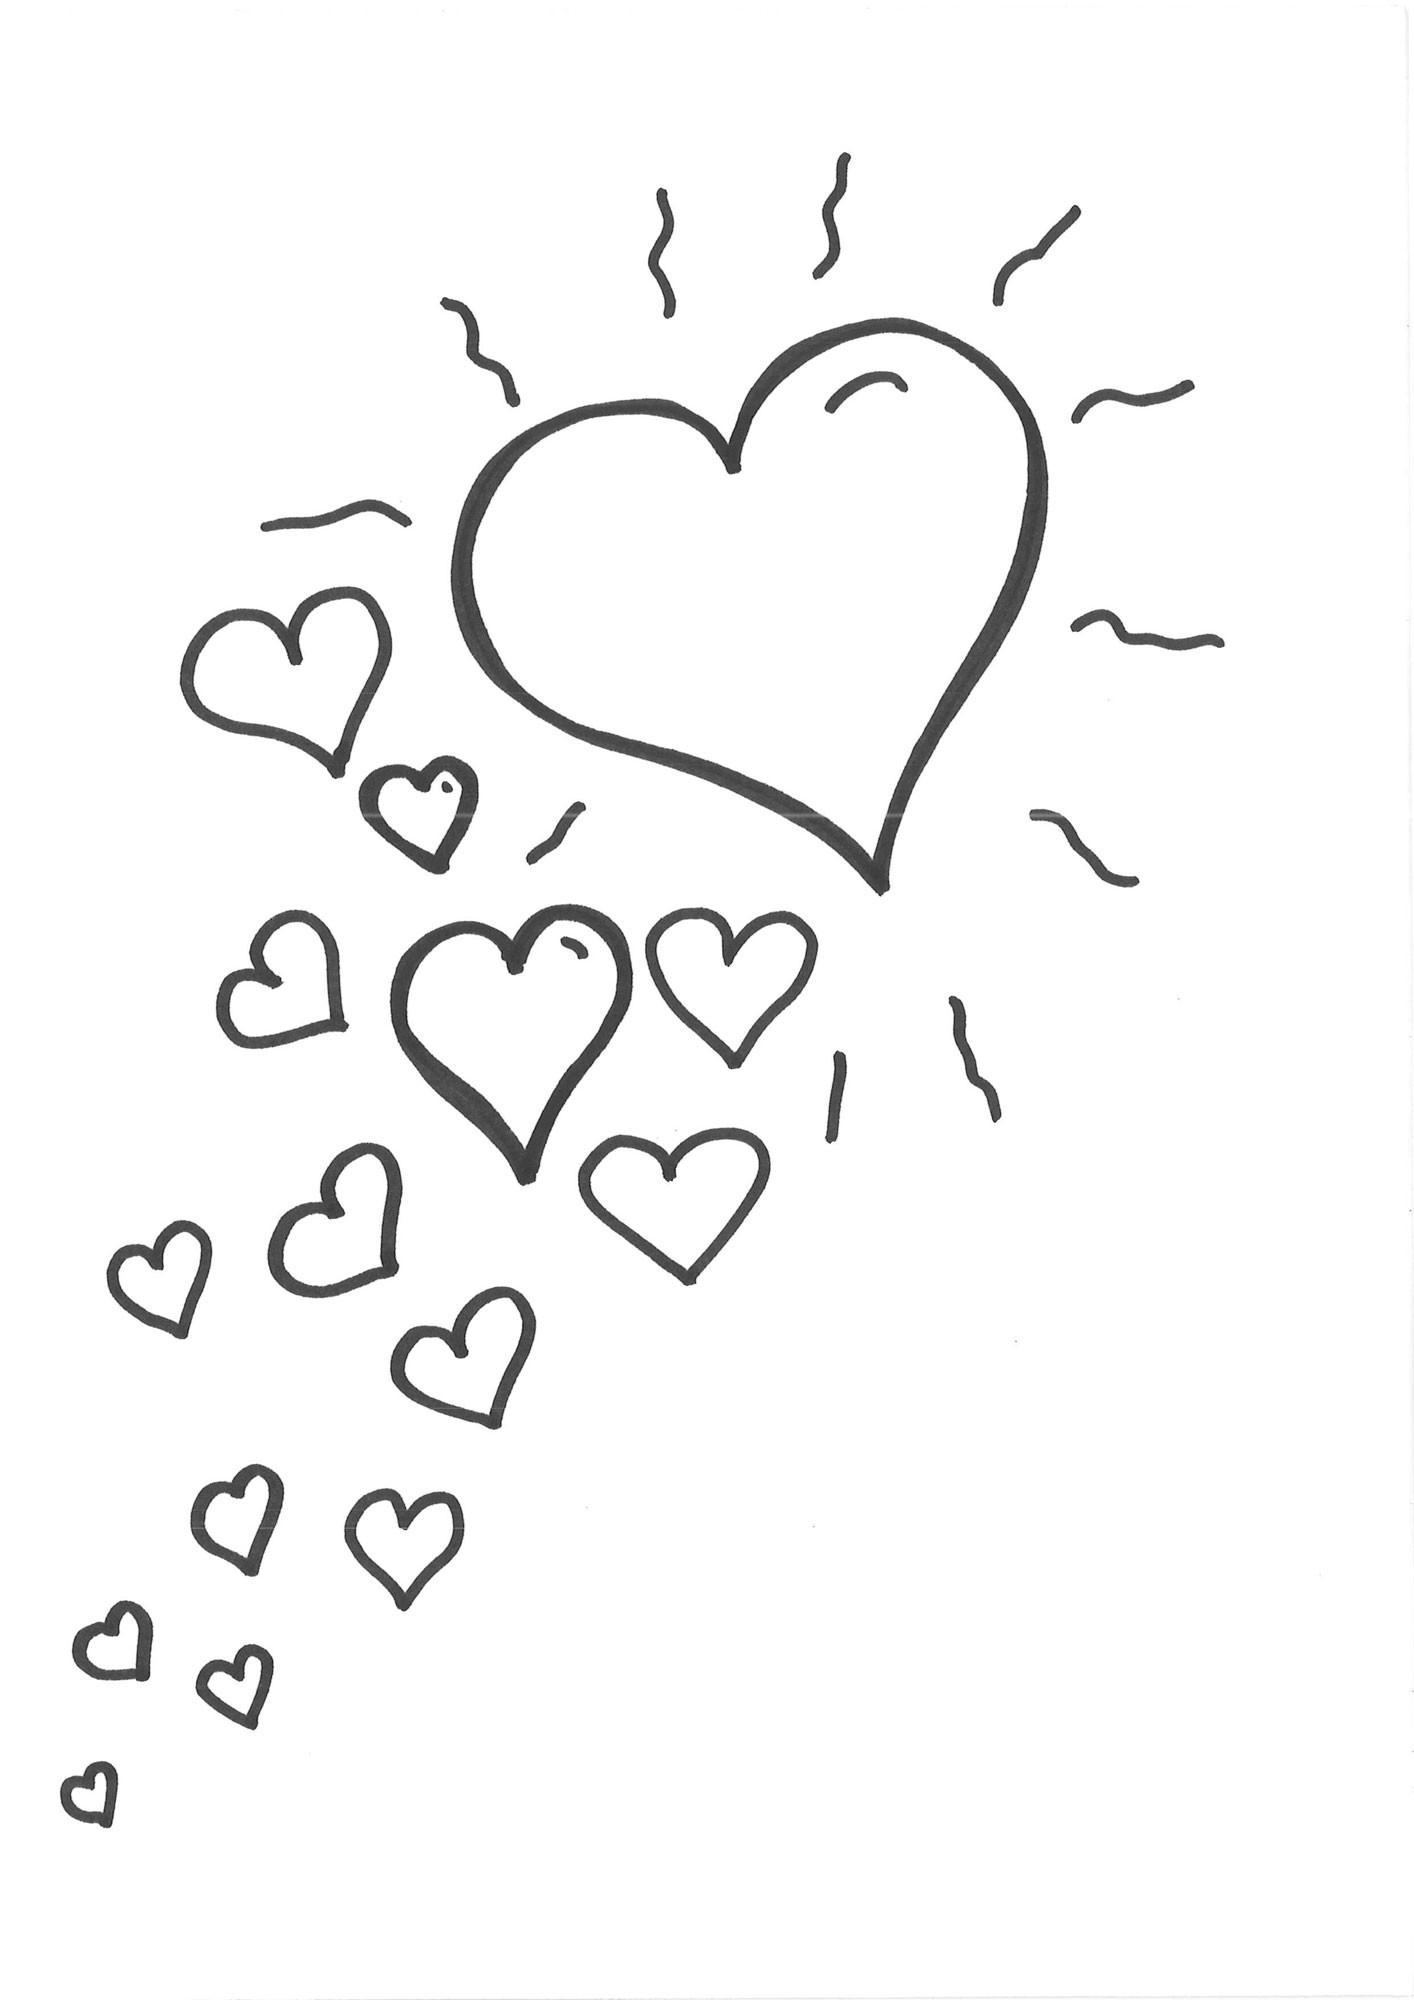 Malvorlagen Herz  Kostenlose Malvorlage Herzen Malvorlage Herzen zum Ausmalen